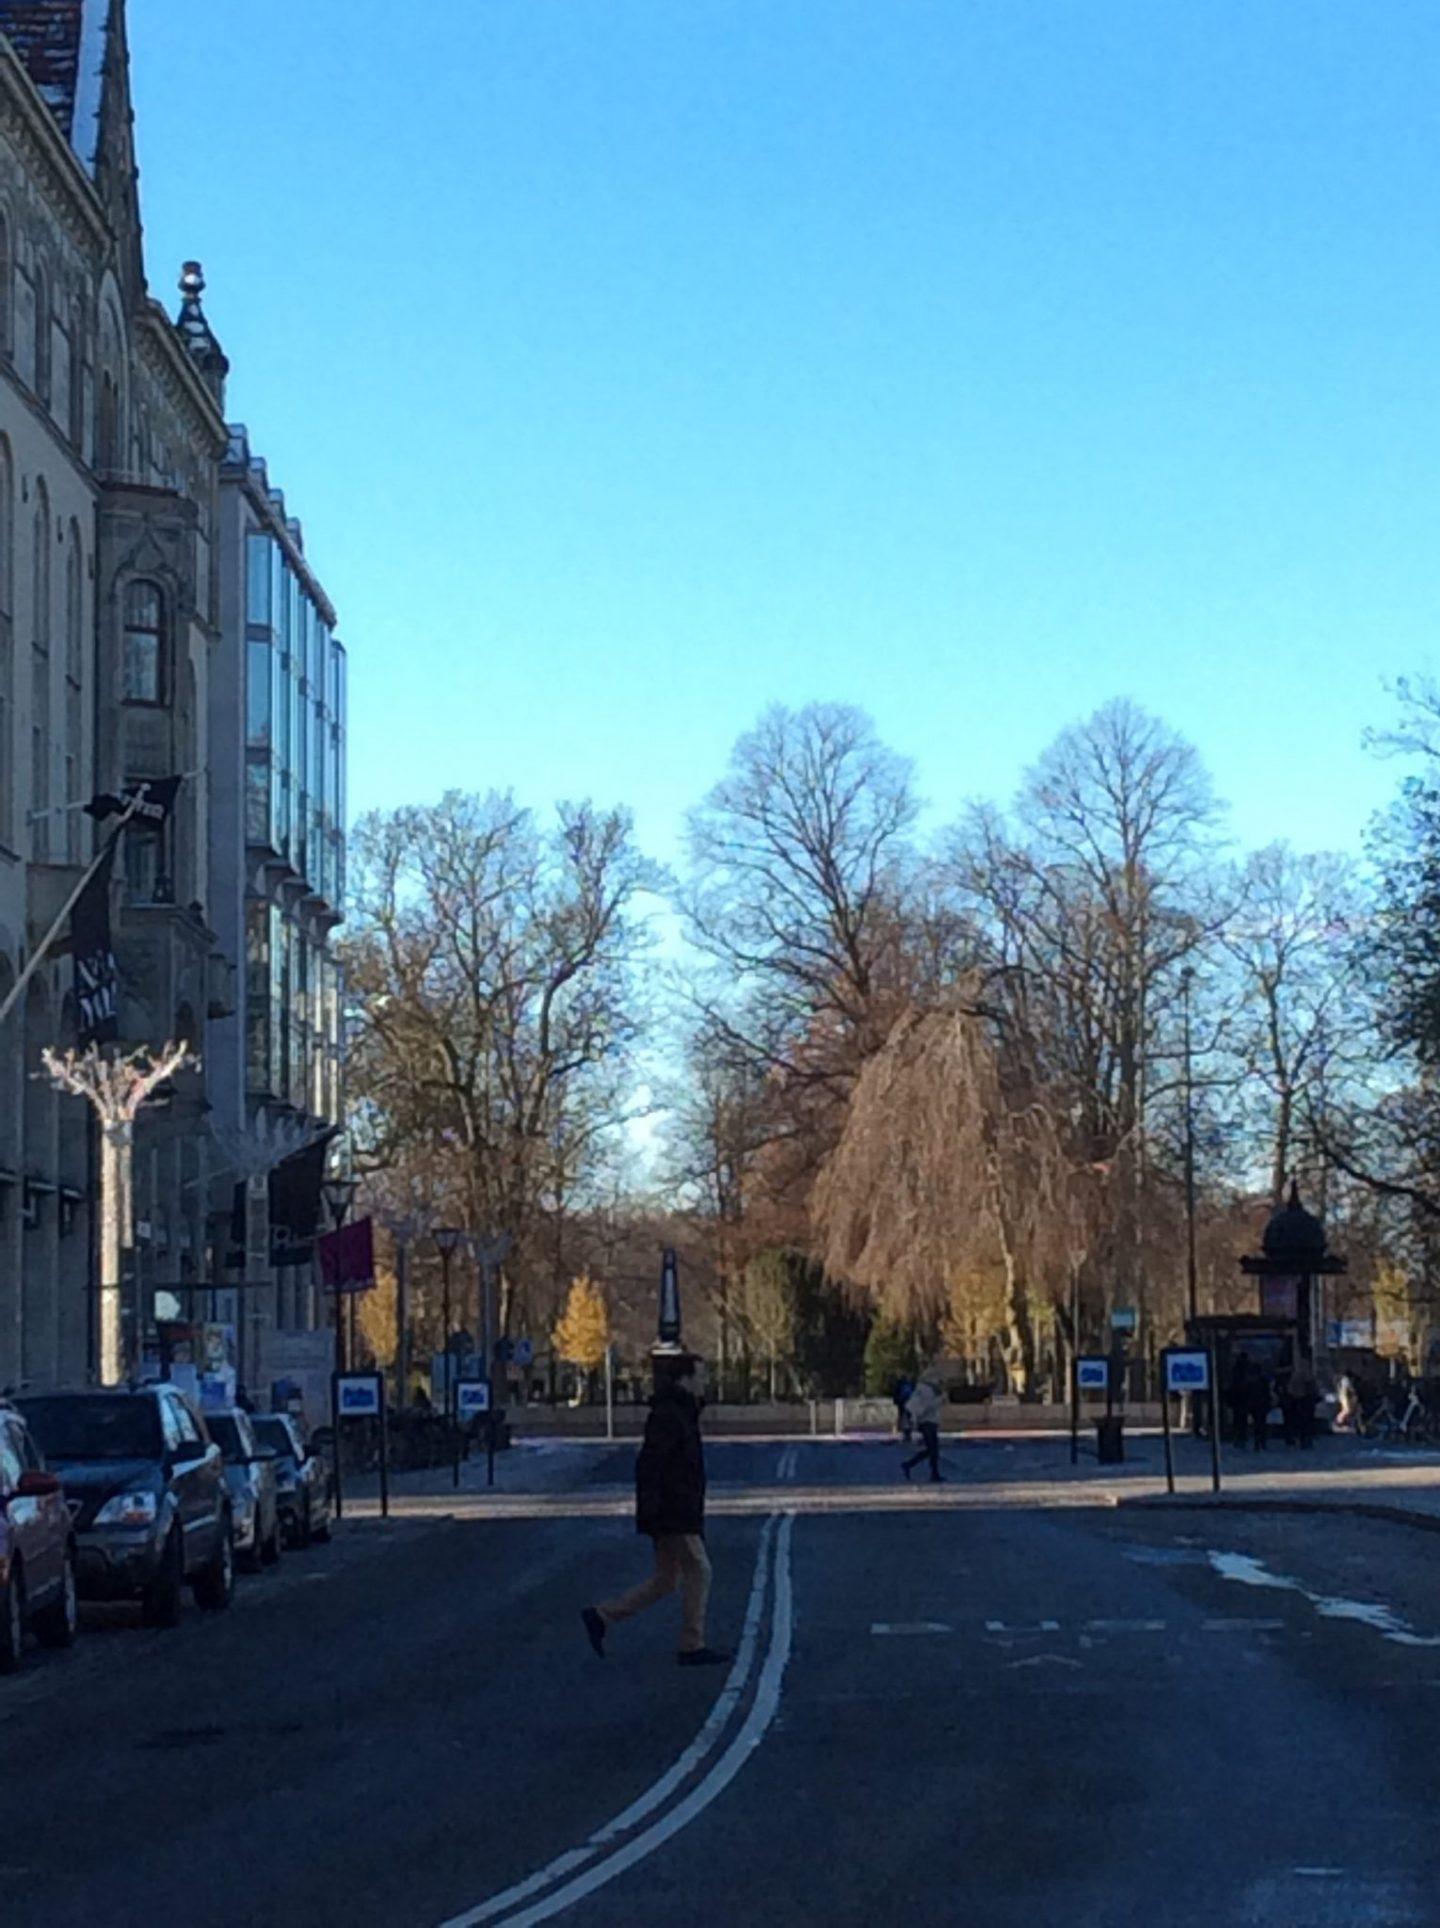 IMG 0129 1440x1928 - Malmö and the history